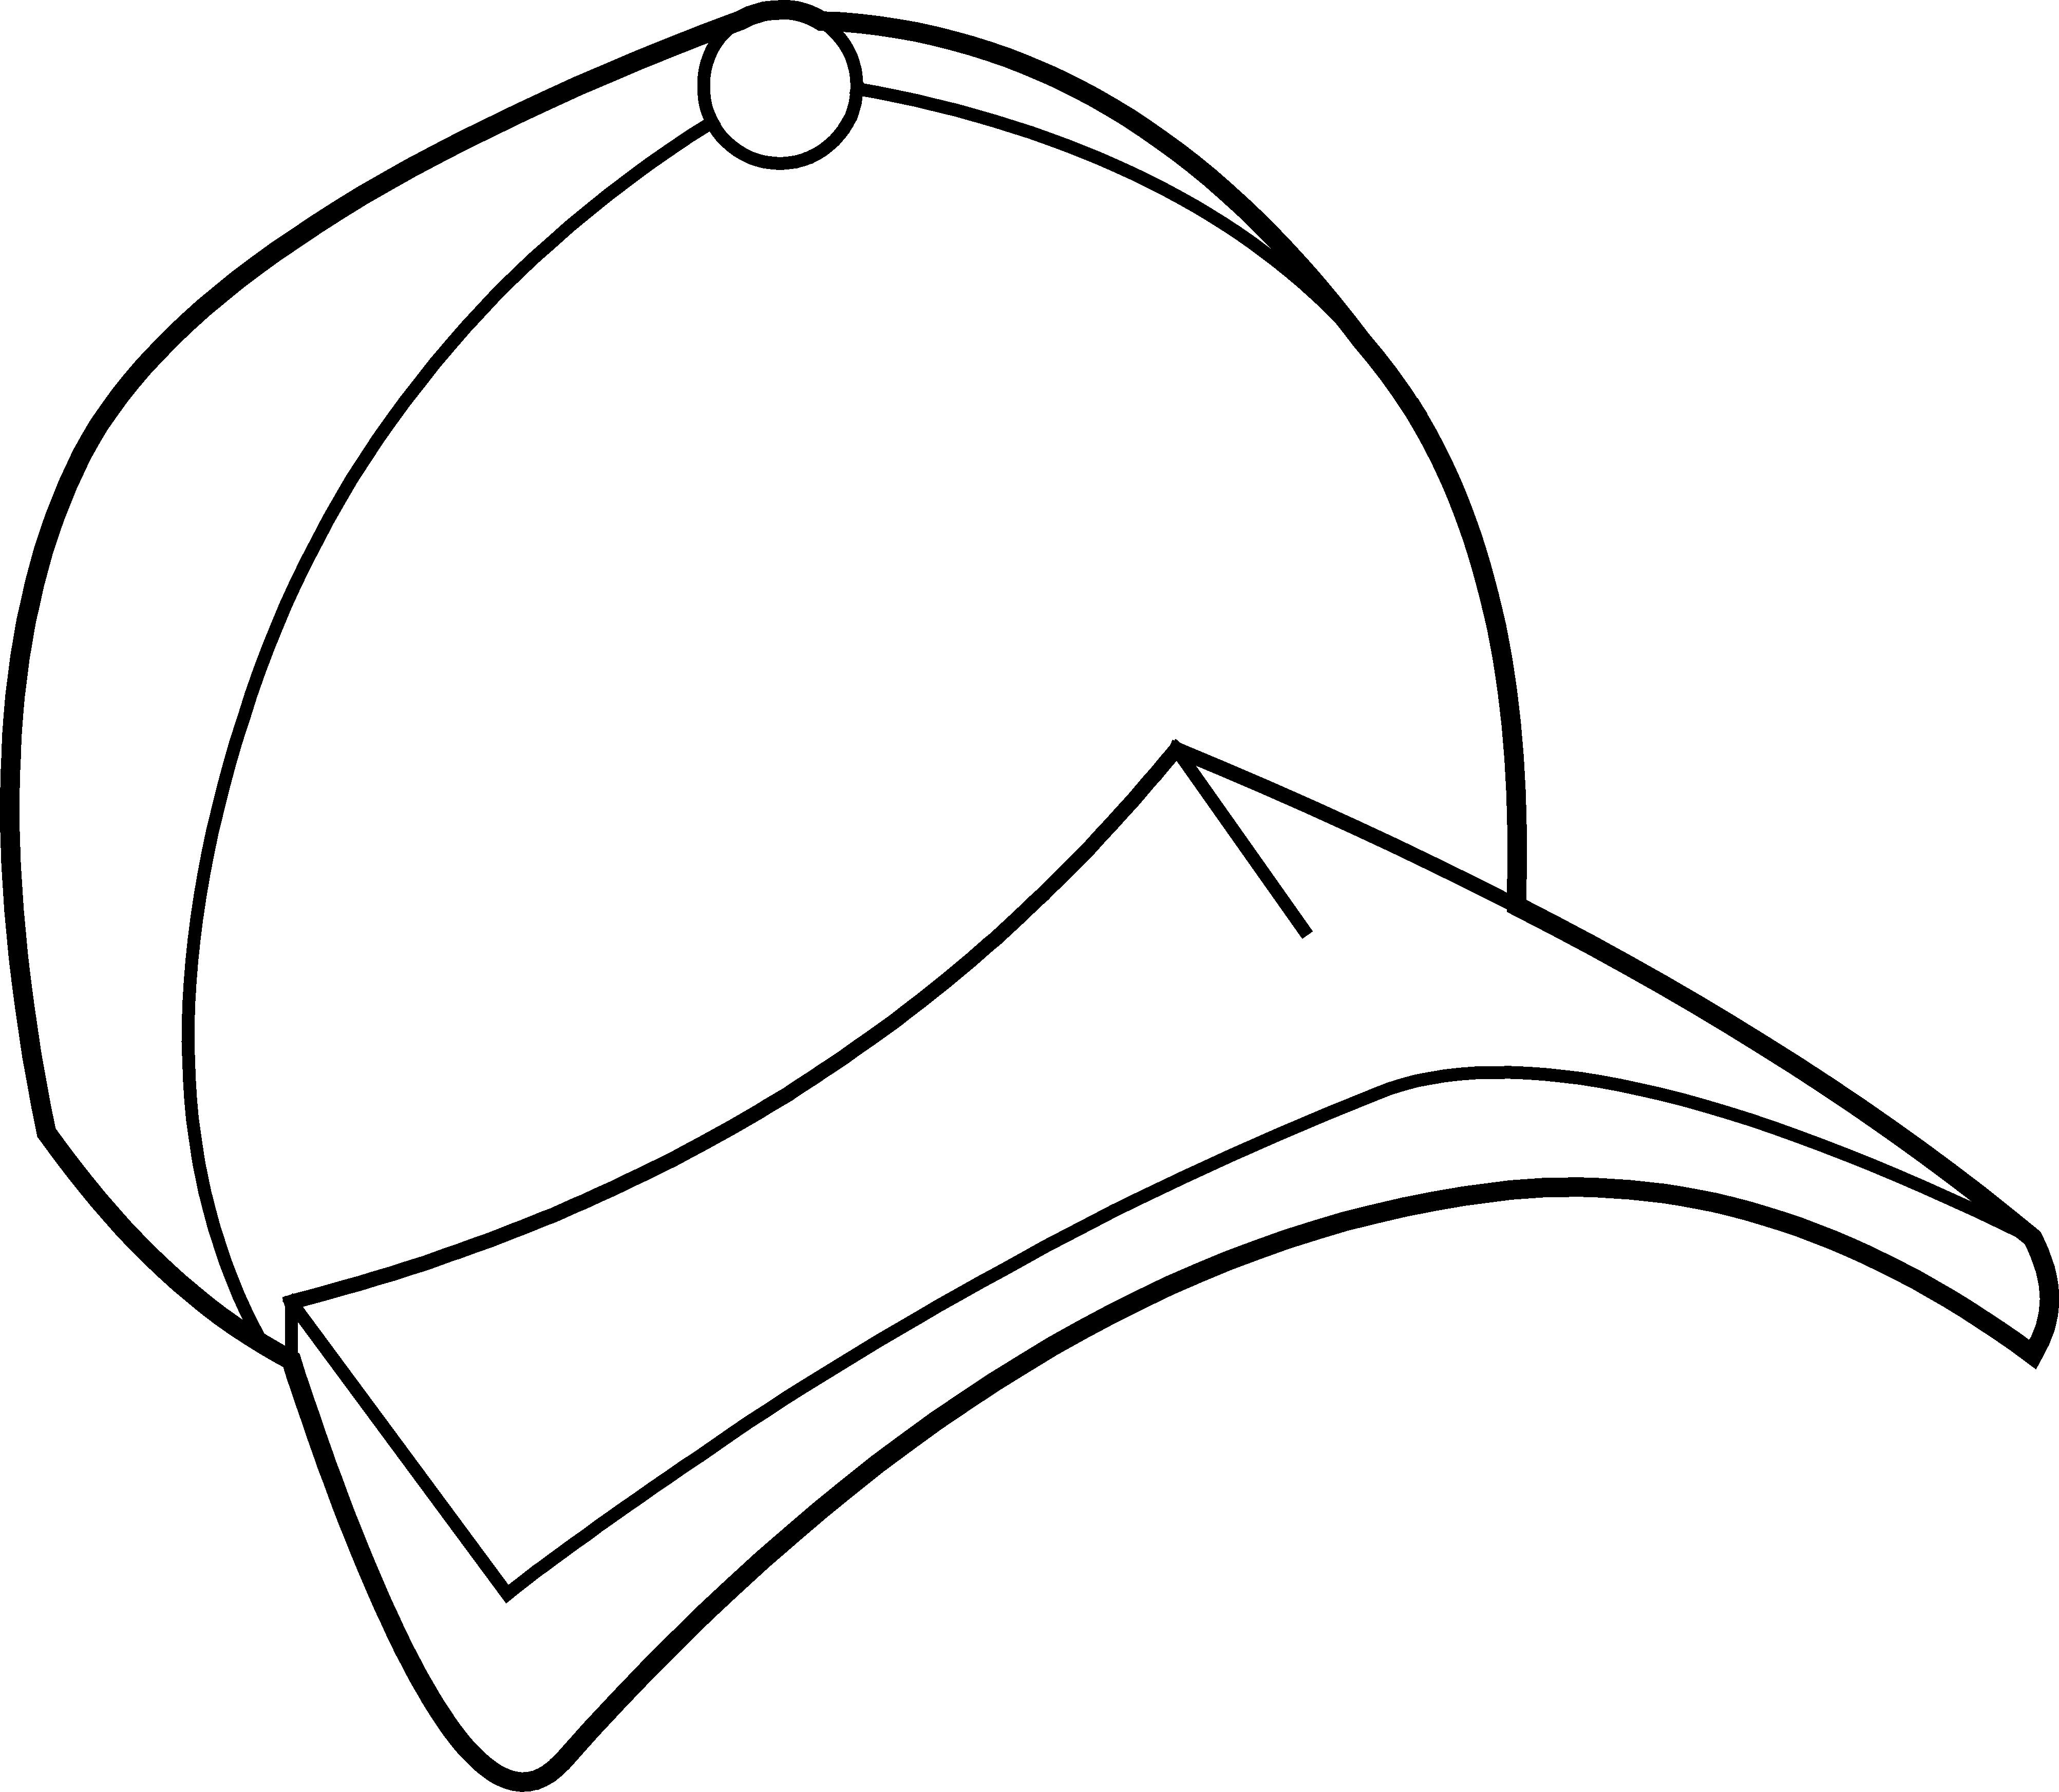 Baseball hat baseball cap coloring page free clip art 2